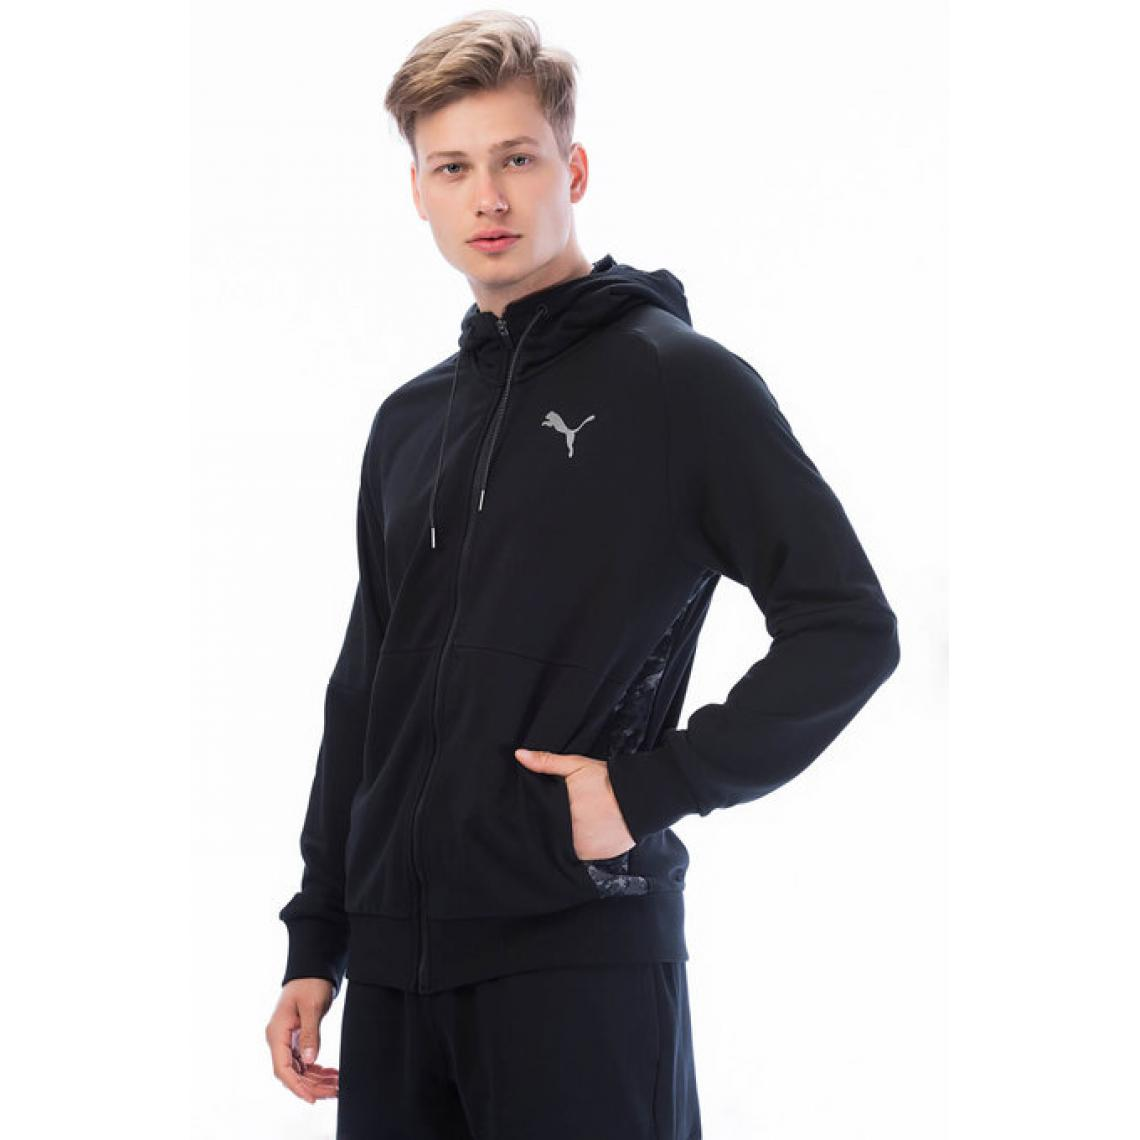 043b1e201692c Veste zippée manches longues à capuche PUMA homme - Noir | 3 SUISSES